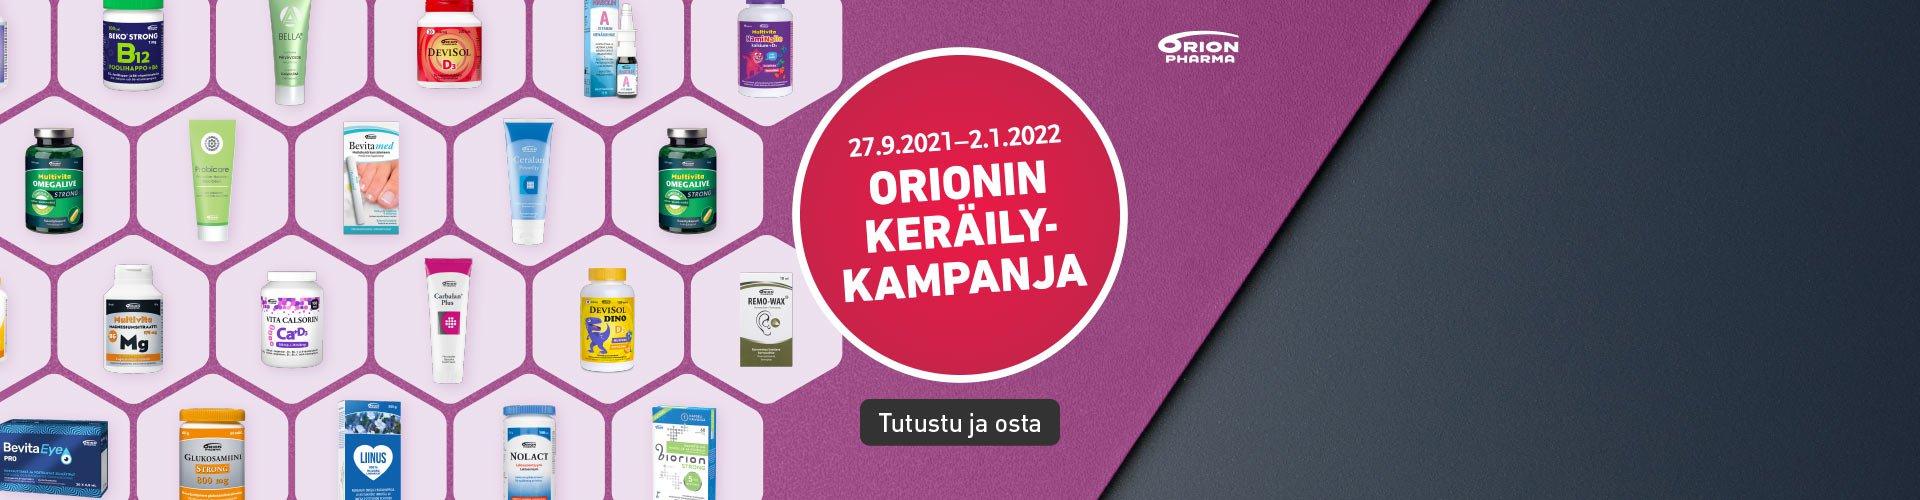 Orionin keräilykampanja apteekissa